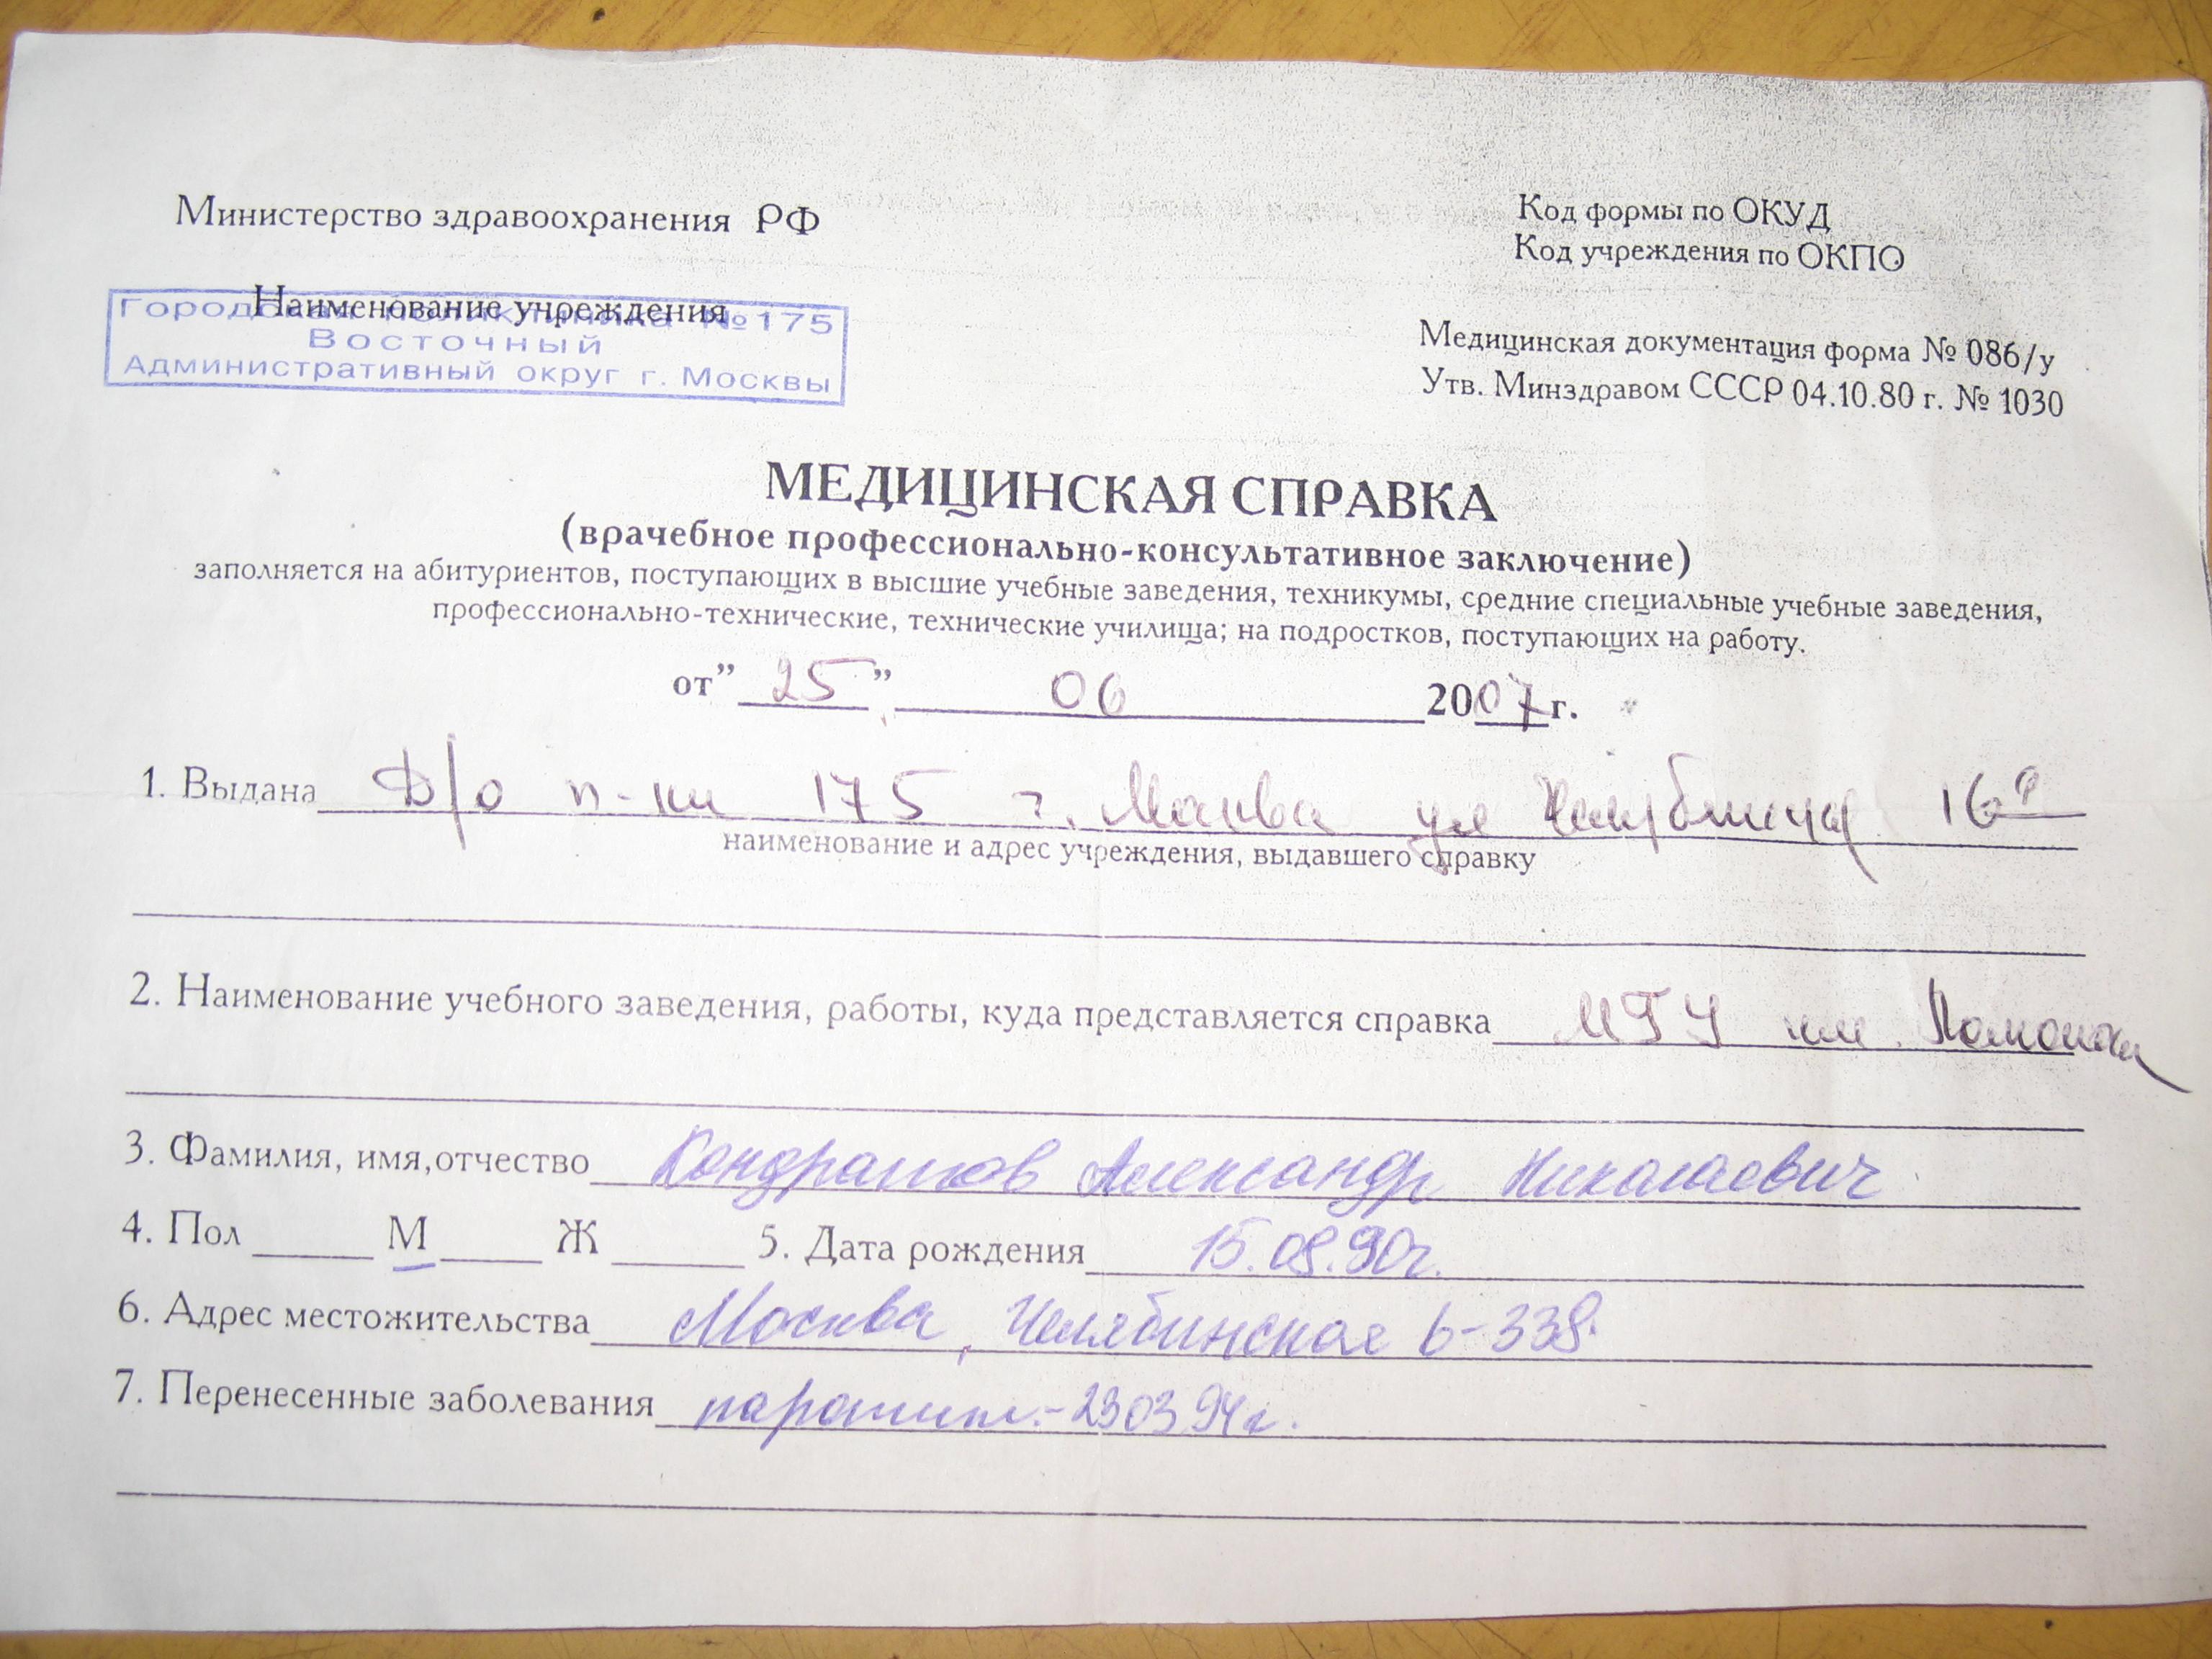 Справка формы 086/у что это Справка о беременности Пушкинская